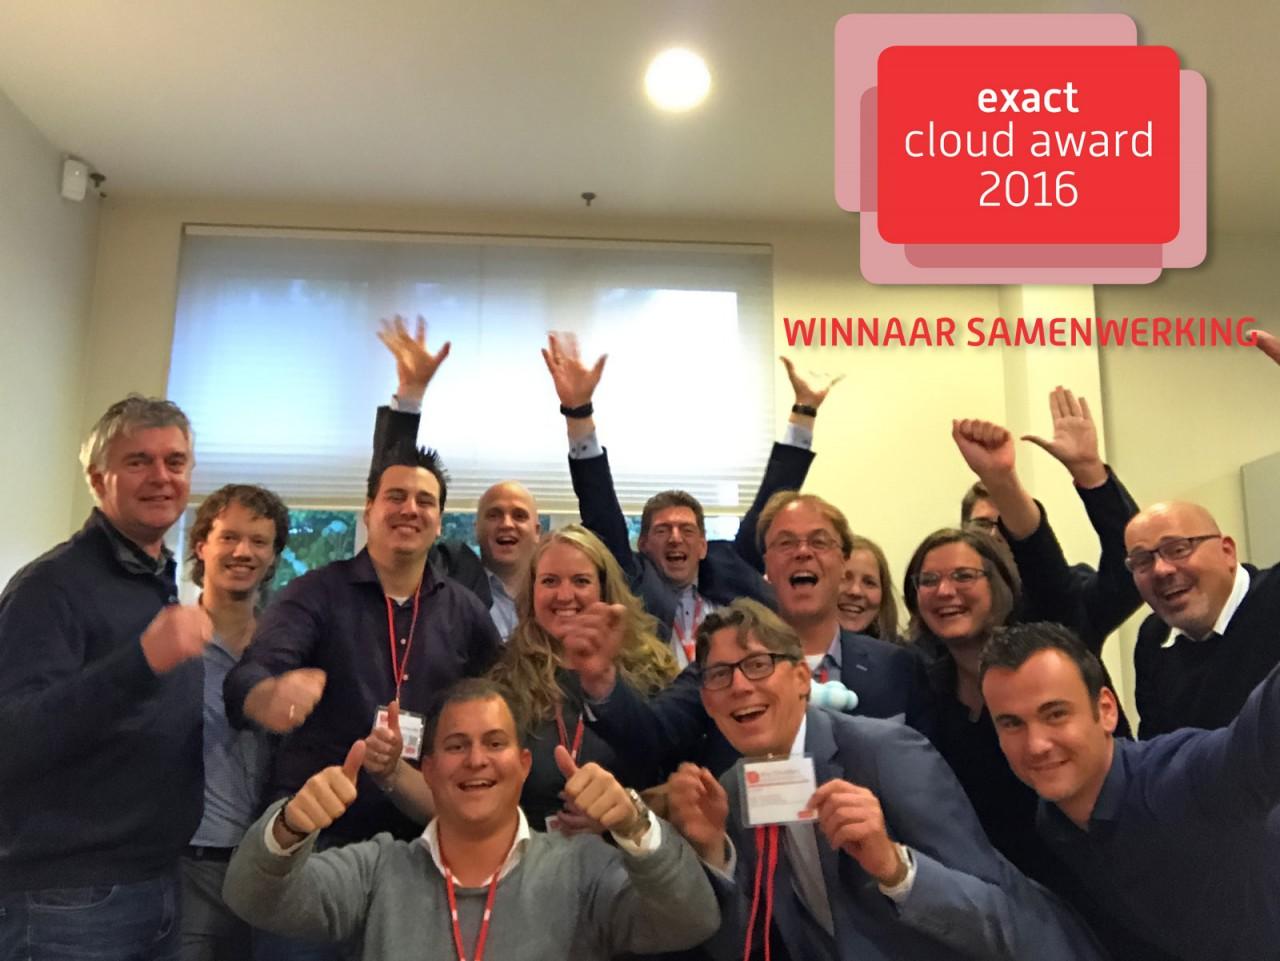 De Coop & Haegen Winnaar Samenwerking Exact Cloud Award 2016